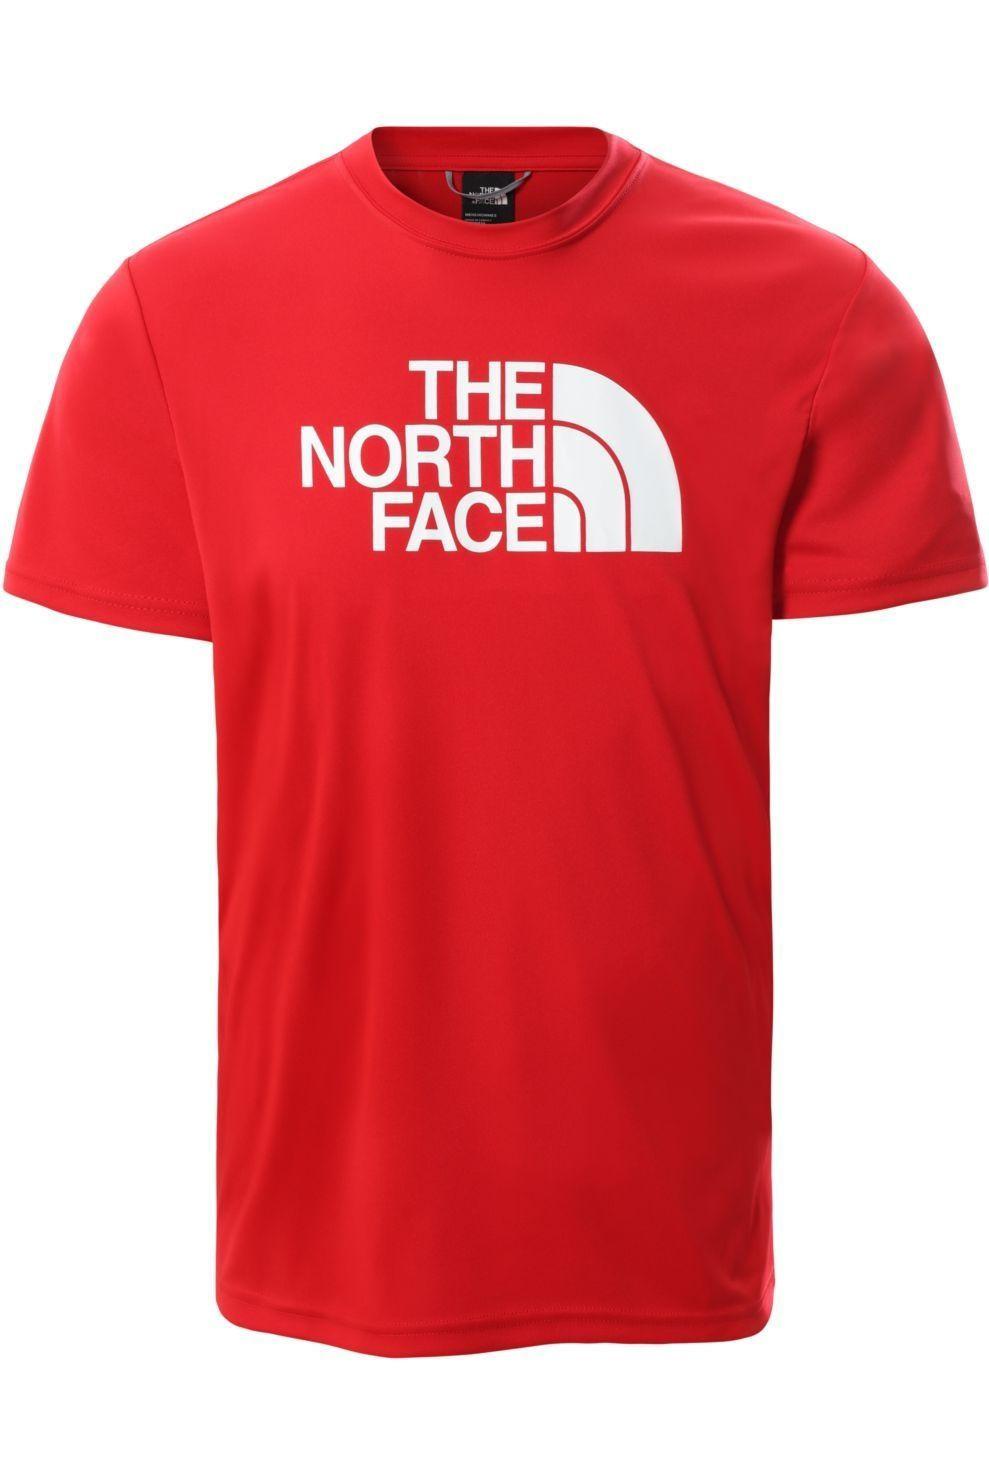 The North Face T-Shirt Men'S Reaxion Easy voor heren - Rood - Maten: S, M, L